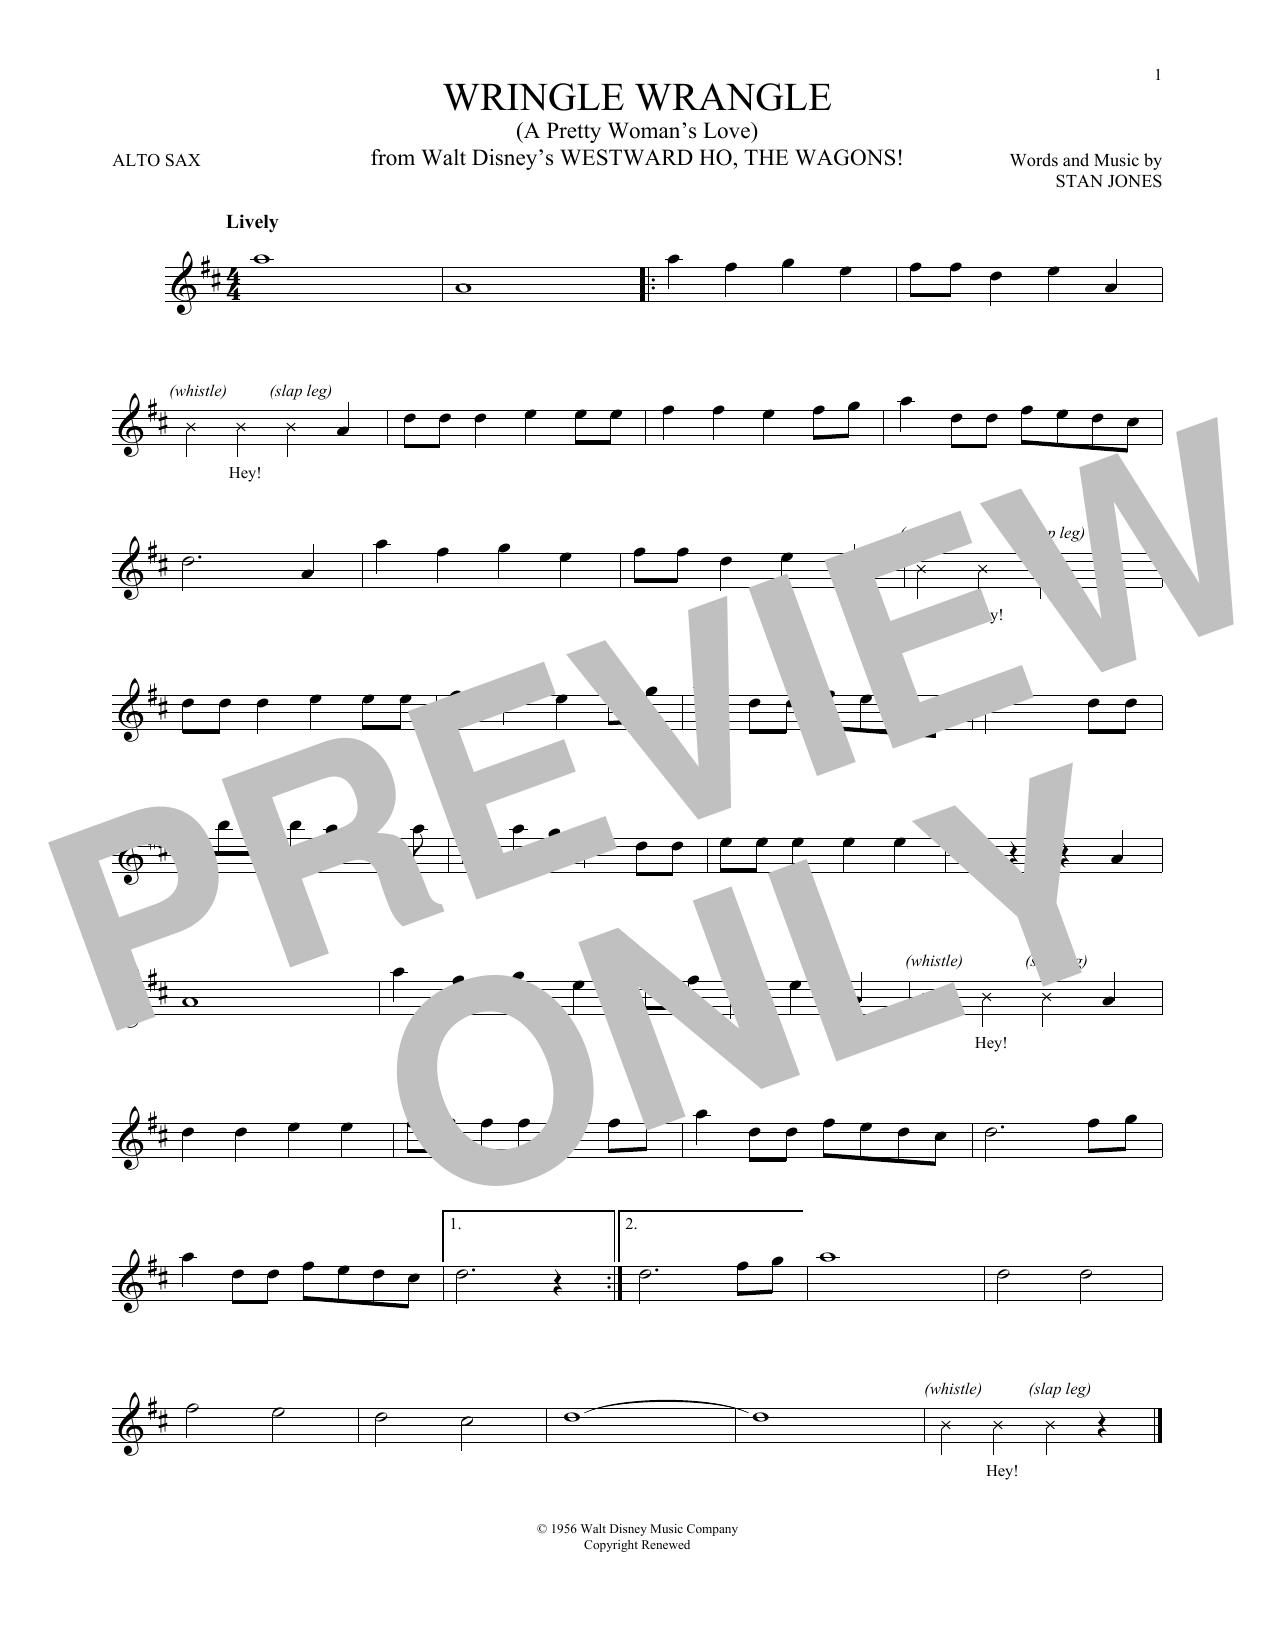 Wringle Wrangle (A Pretty Woman's Love) (Alto Sax Solo)